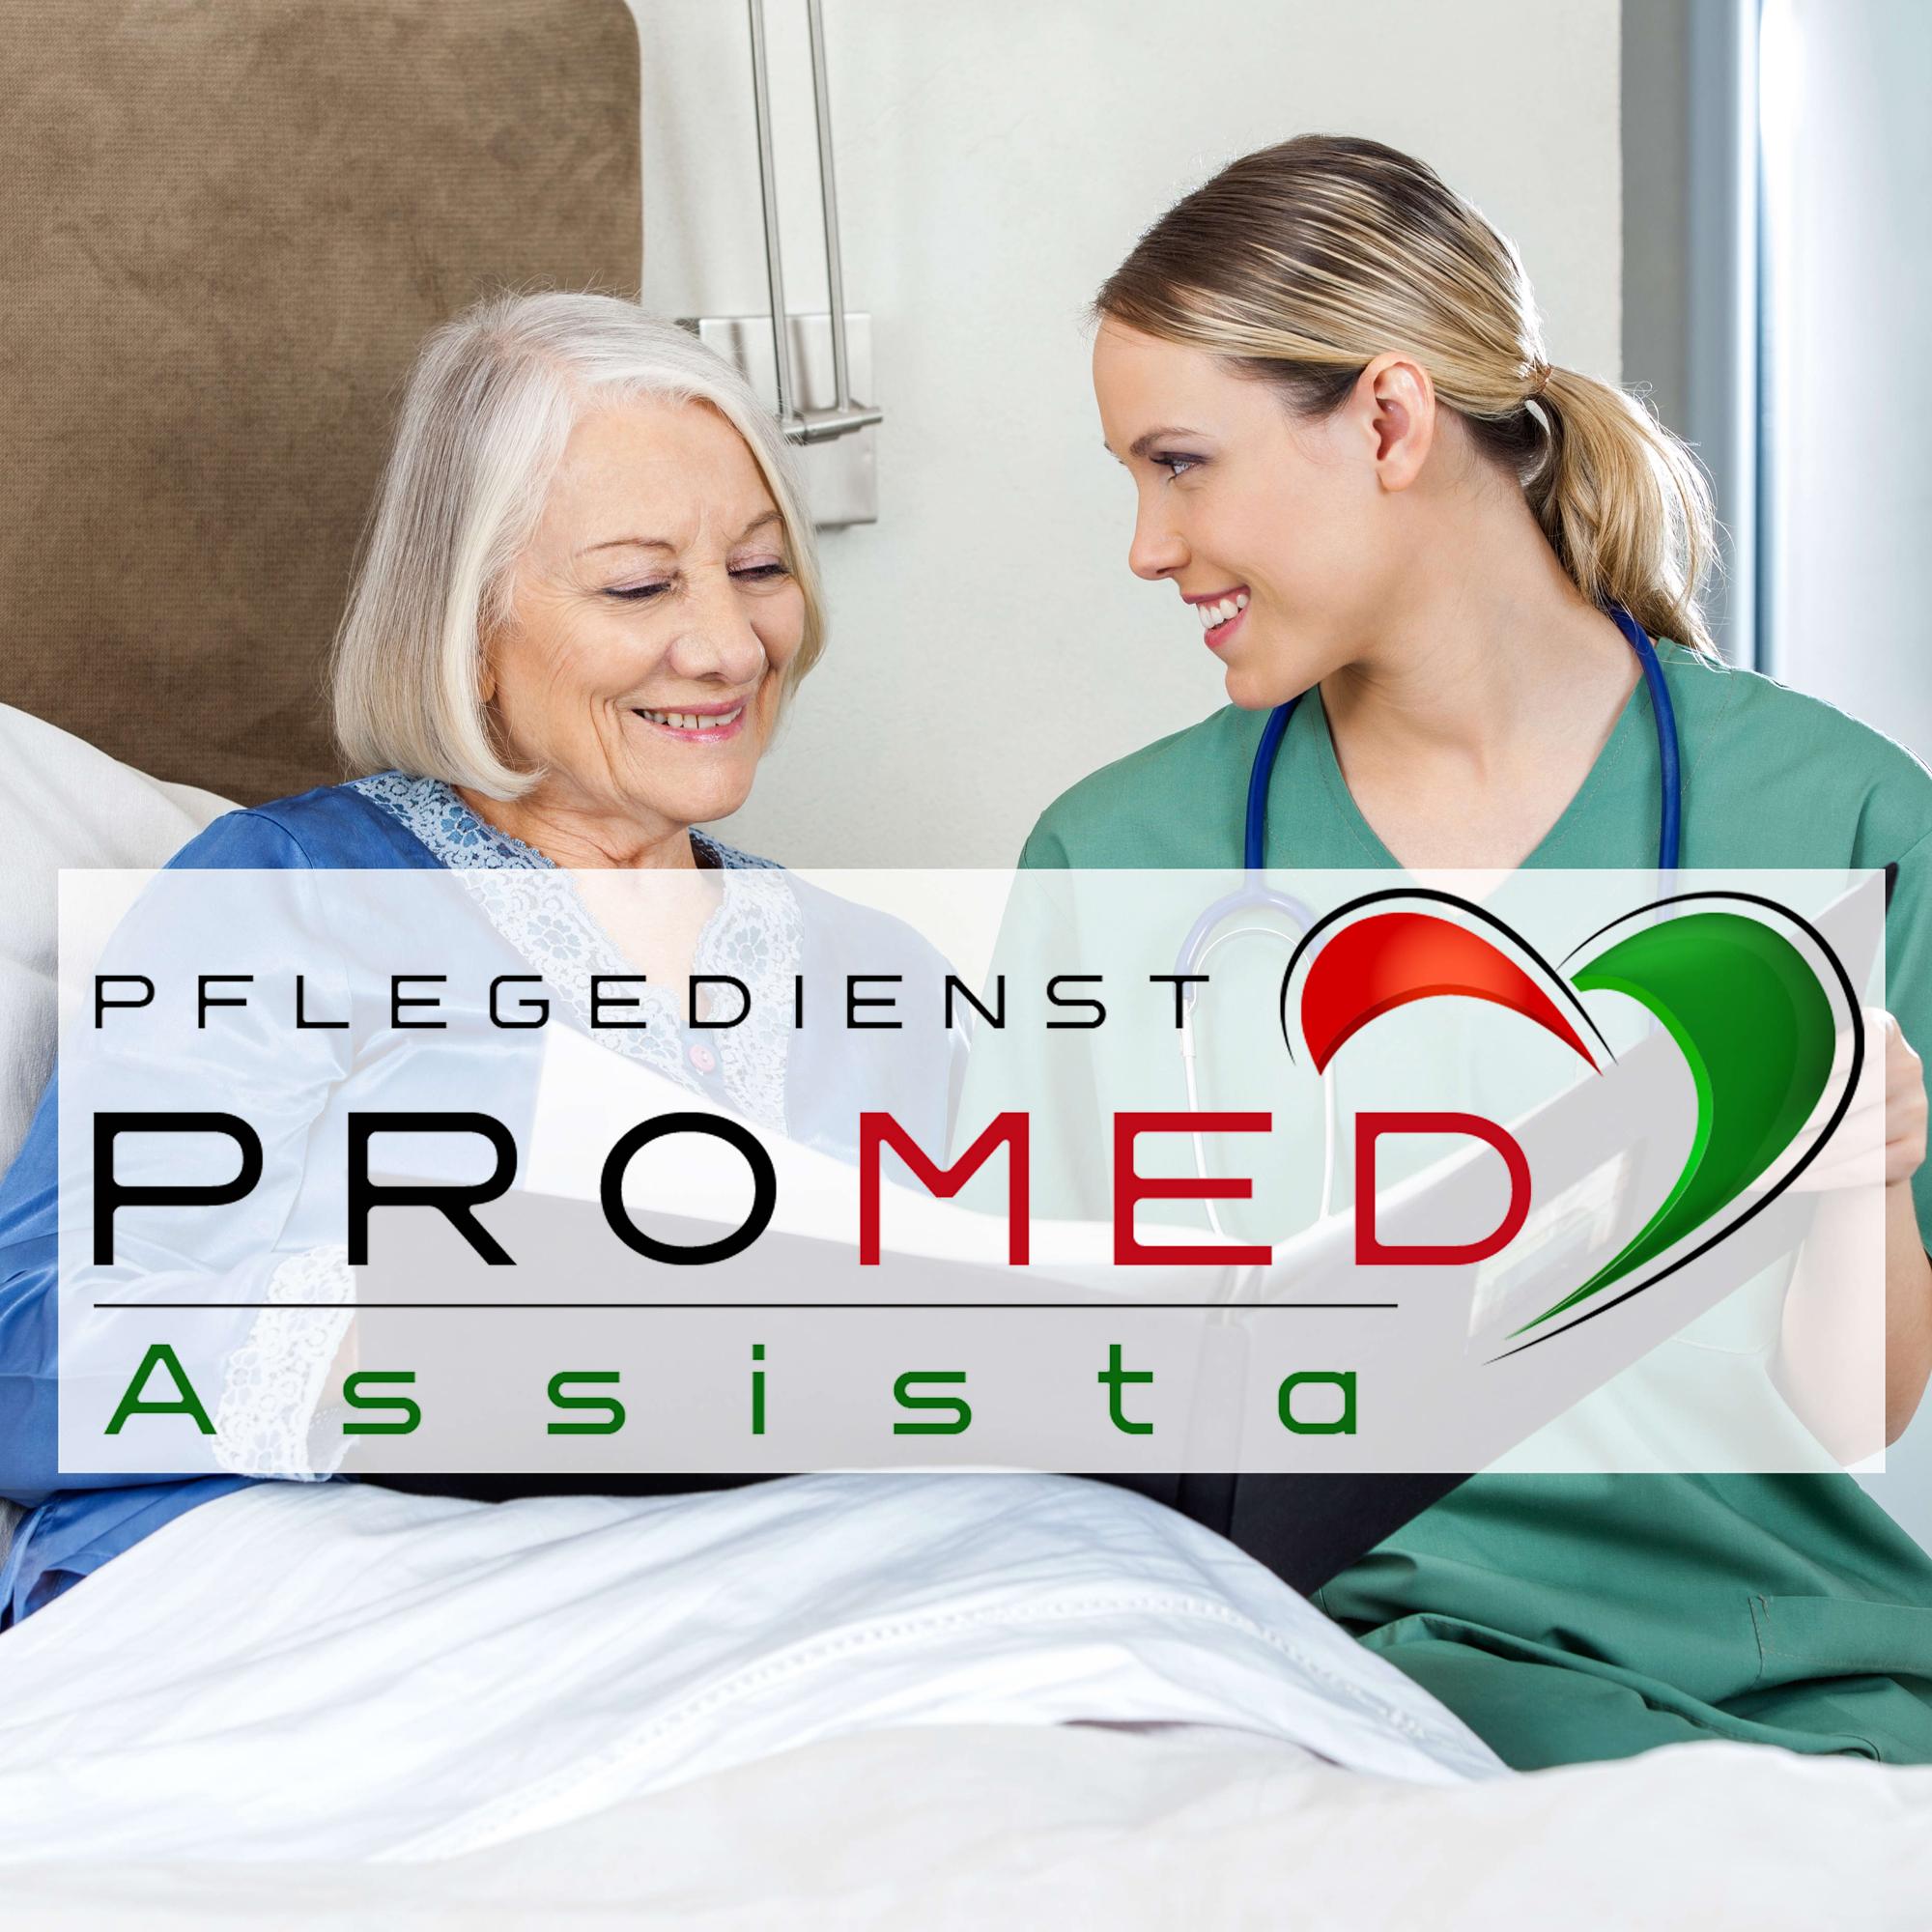 Pflegedienst PROMED Assista aus Dietzenbach